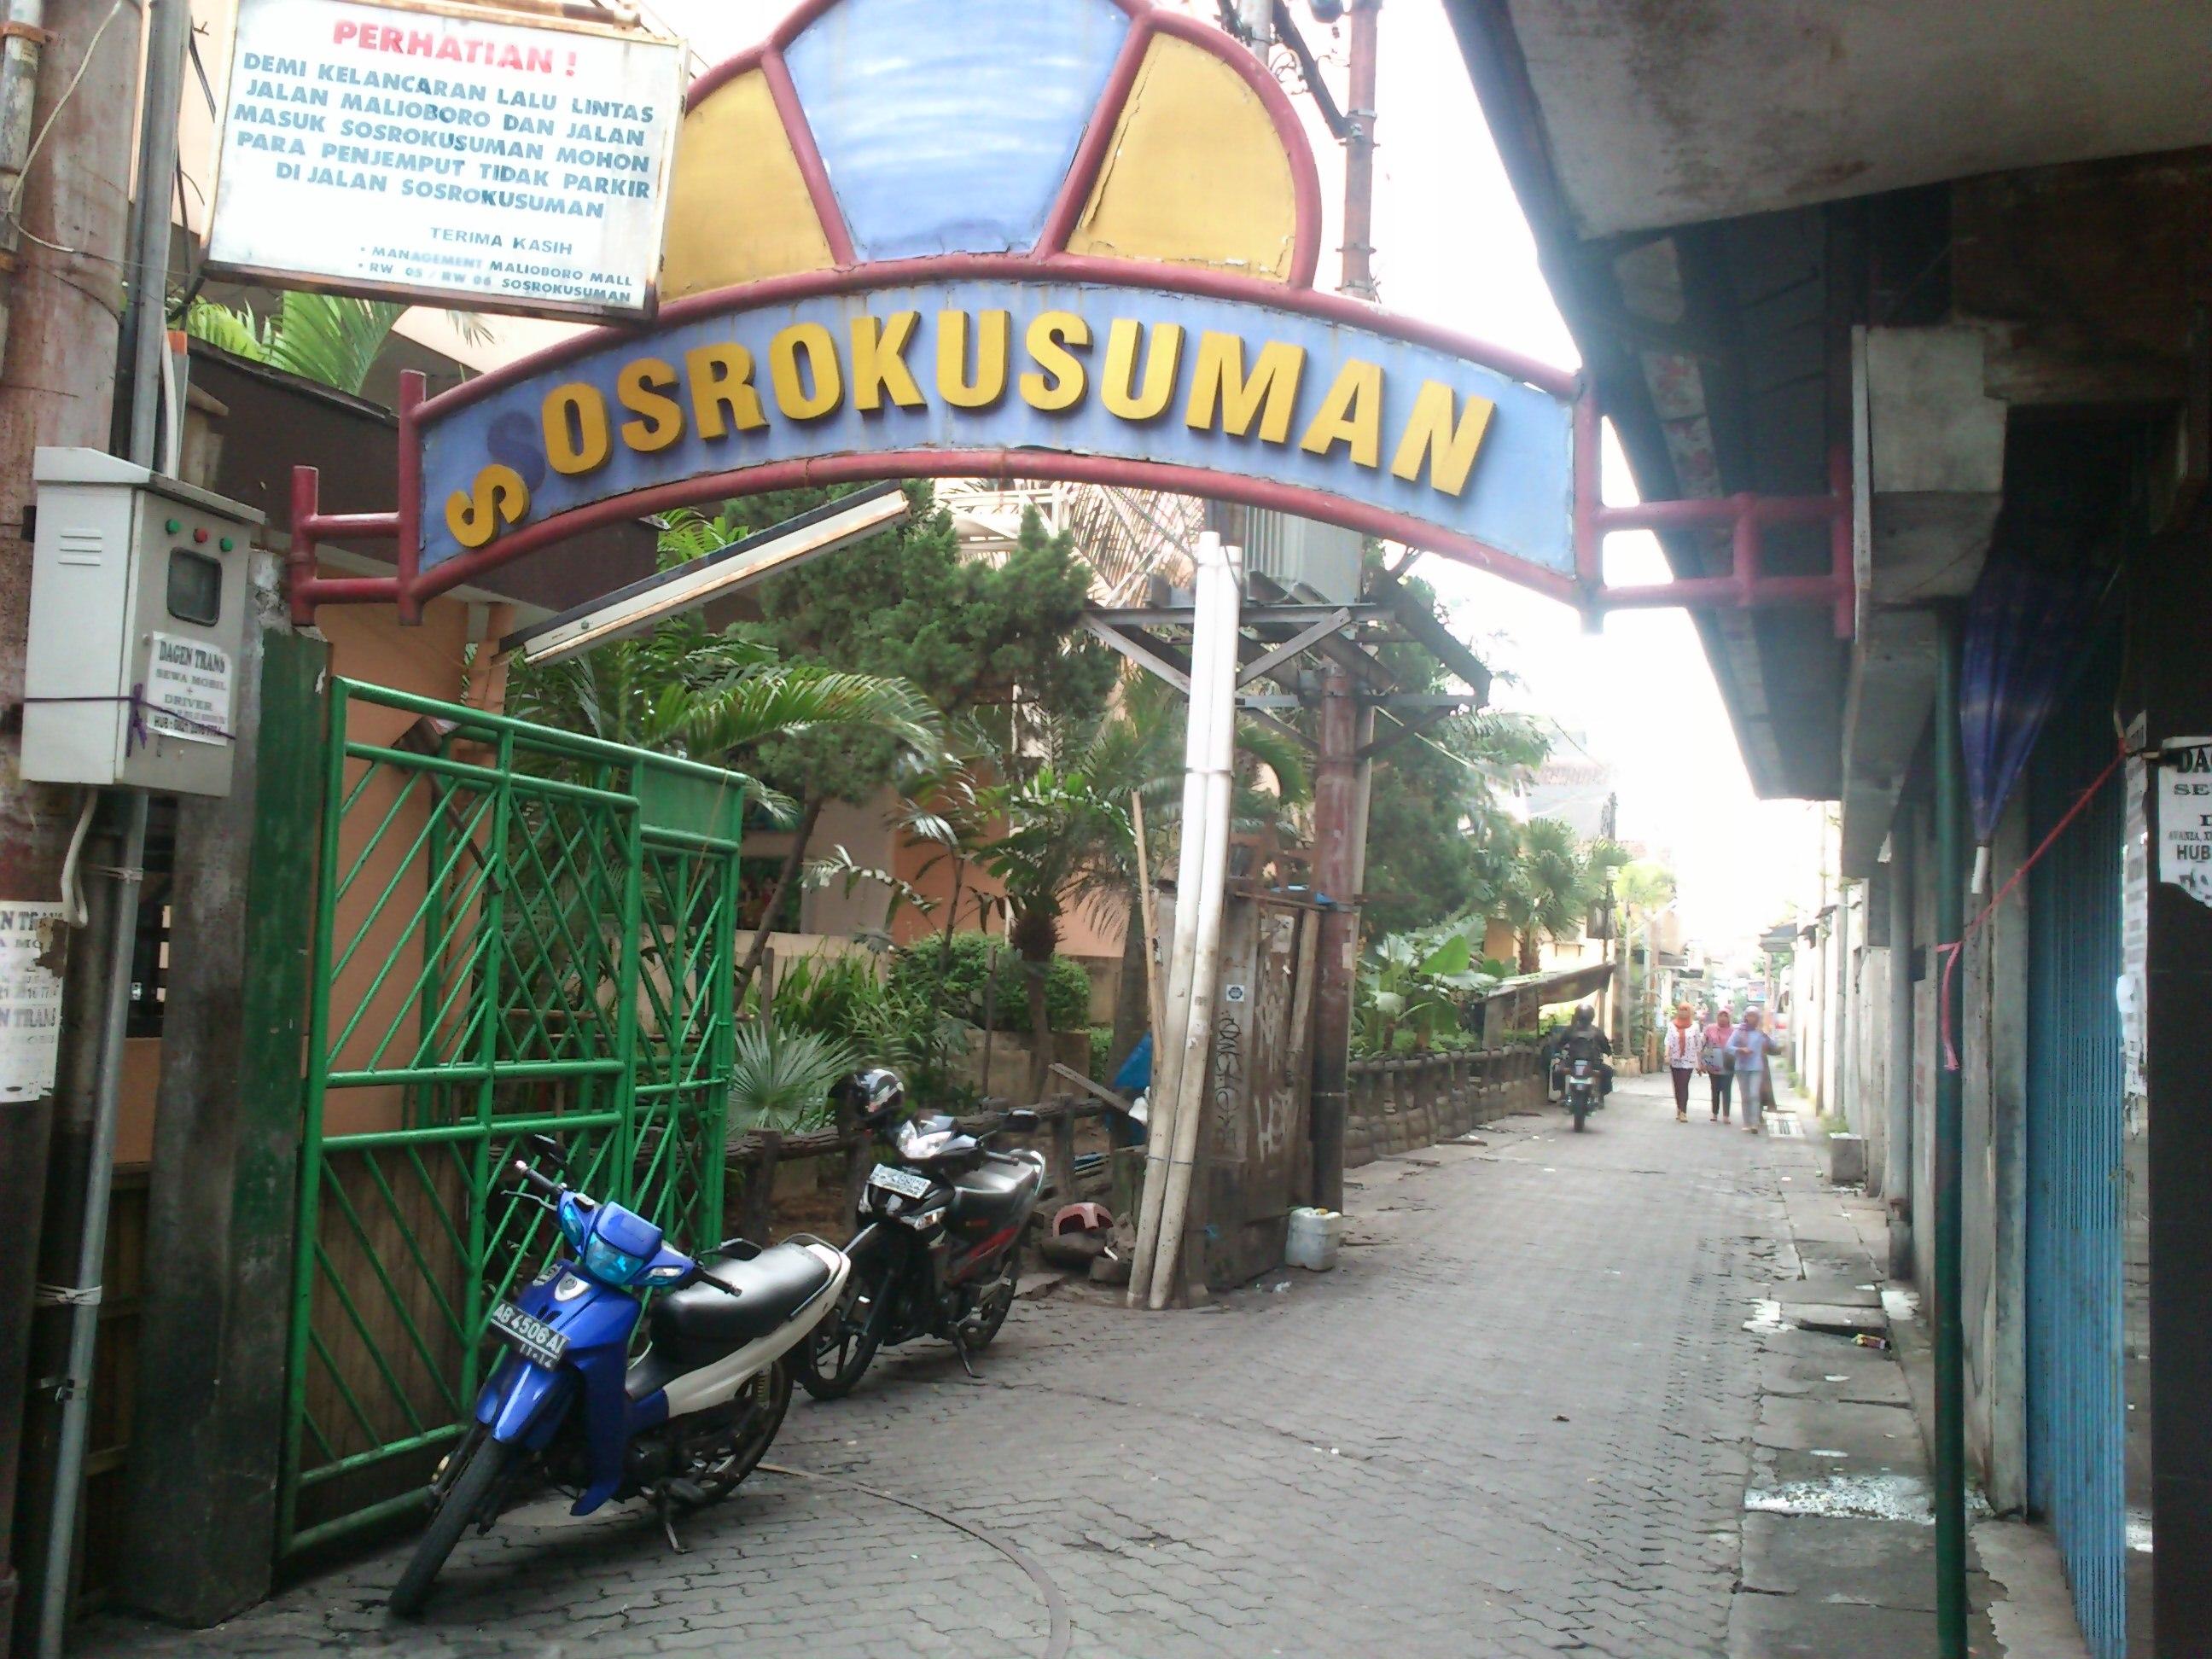 Hotel Murah Di Sosrokusuman Malioboro